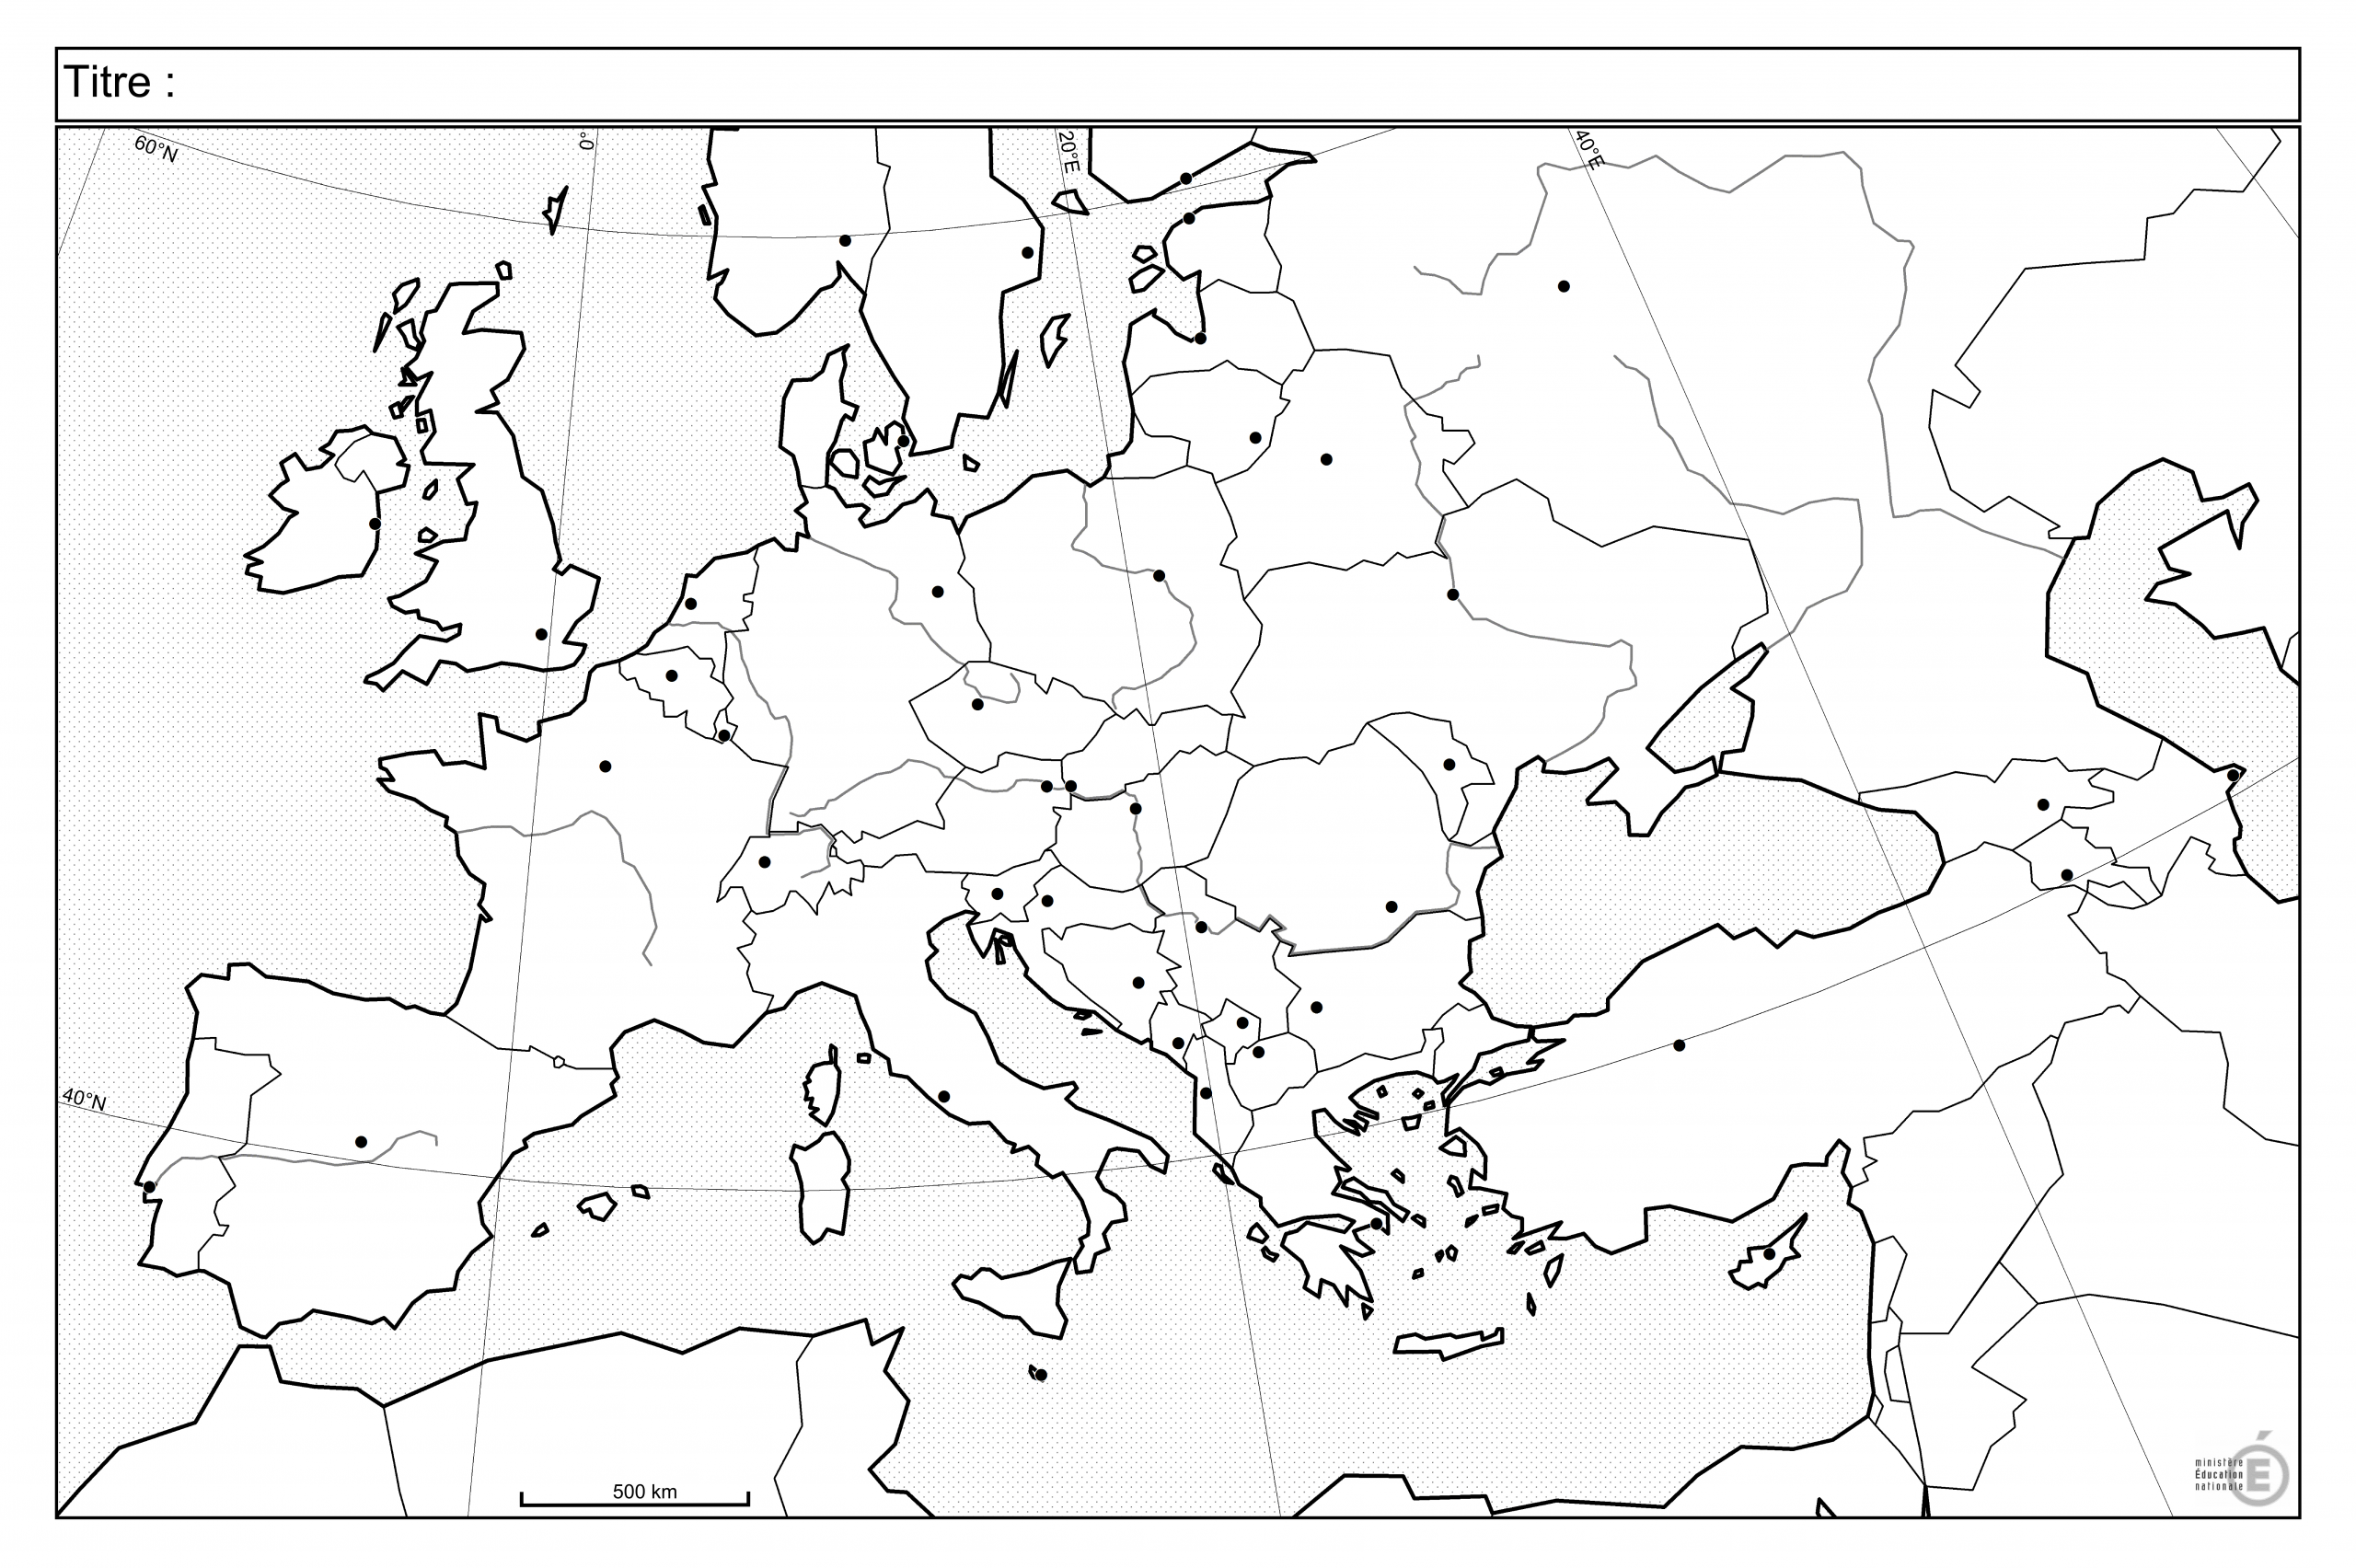 Fonds De Carte - Histoire-Géographie - Éduscol intérieur Carte France Vierge Villes